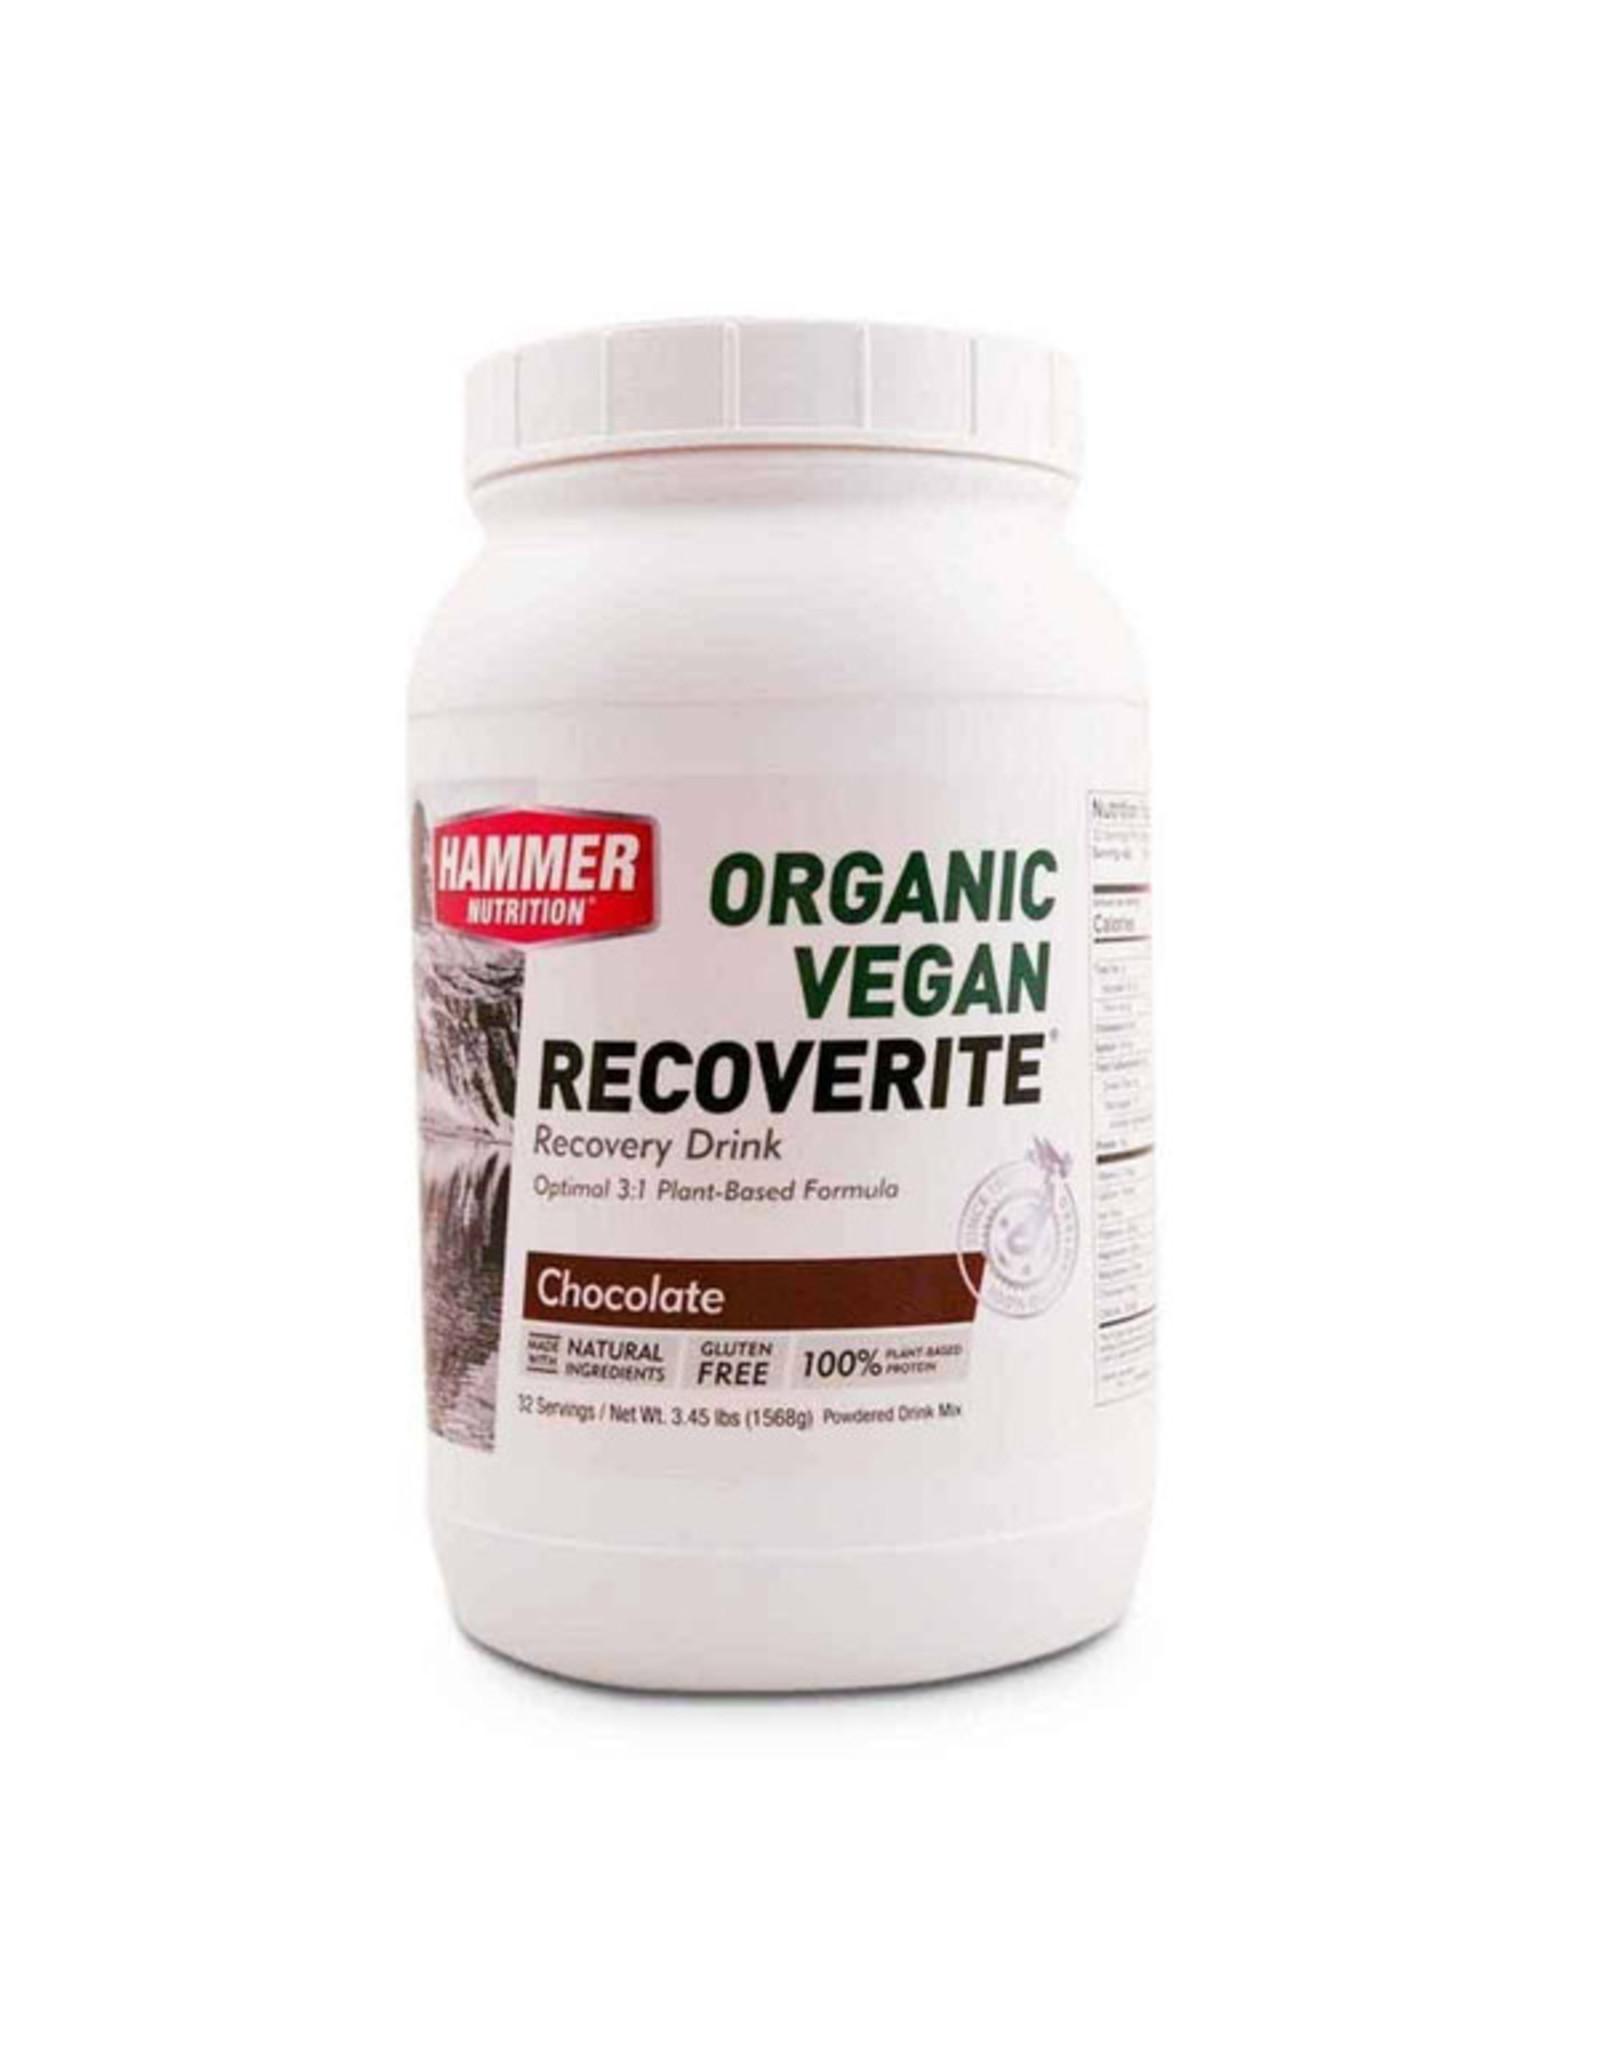 Hammer Nutrition Hammer Nutrition VEGAN Recoverite